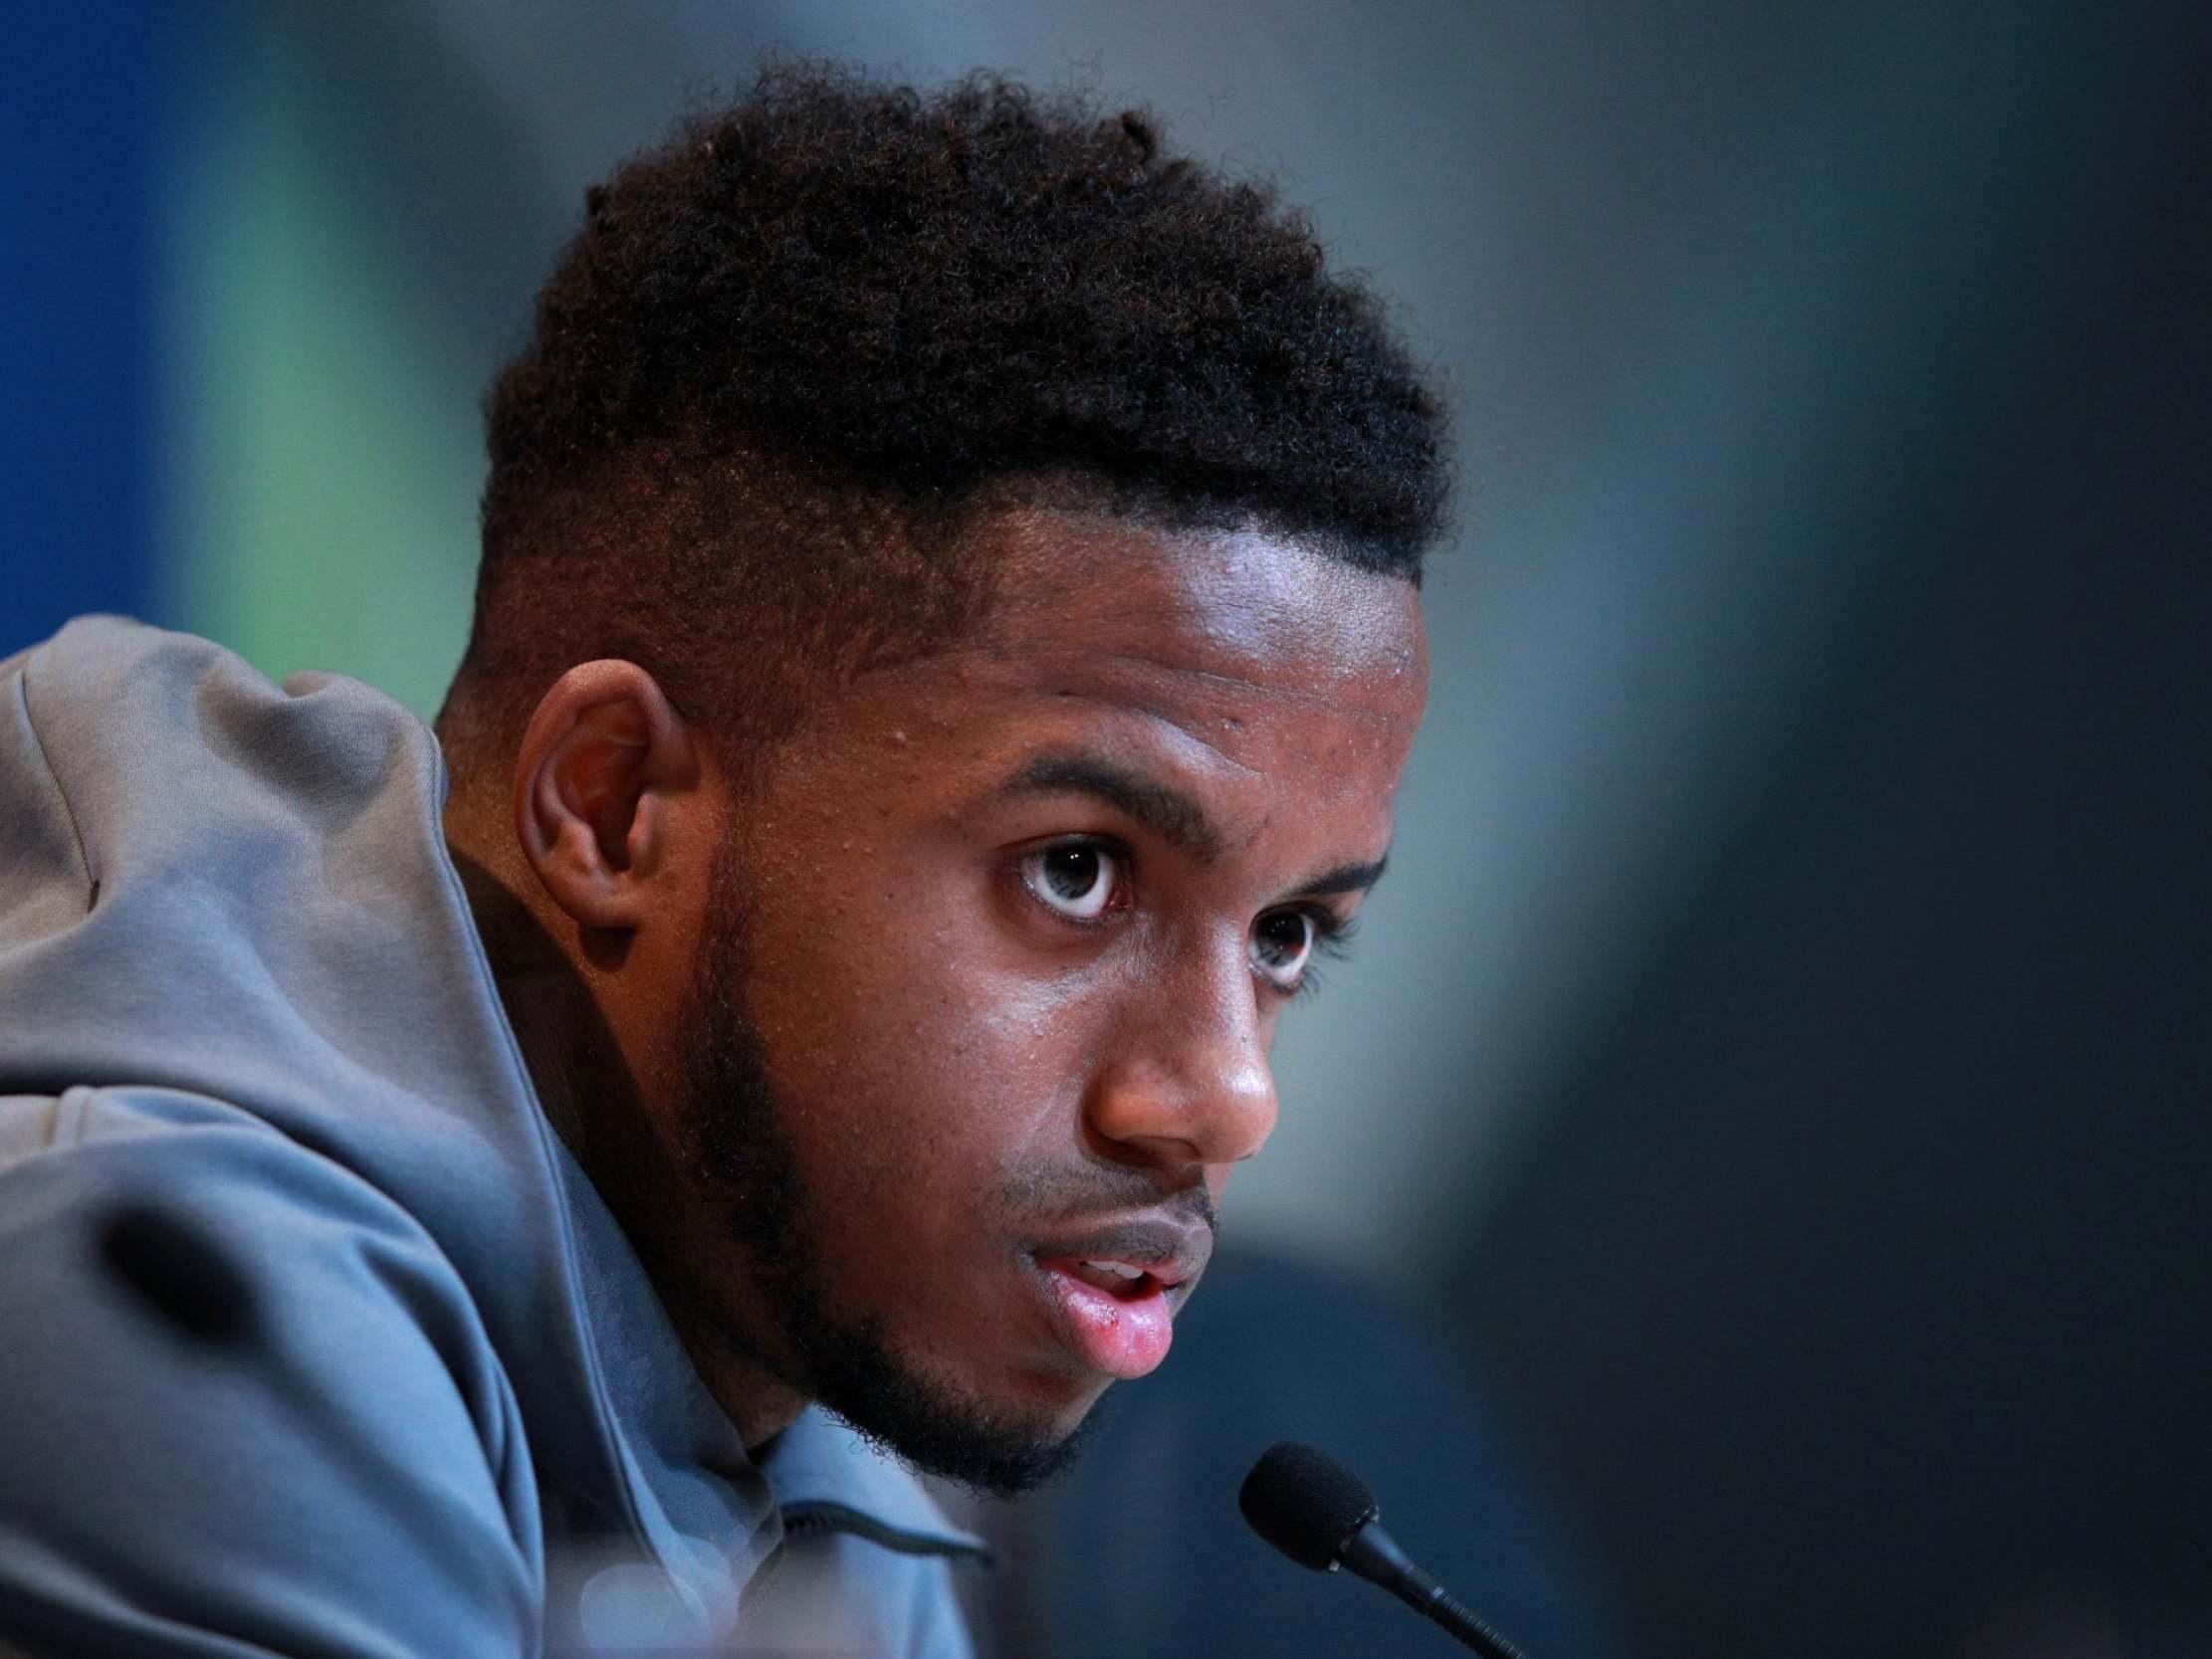 Tottenham: Ryan Sessegnon delighted by Jose Mourinho's Ashley Cole comparison